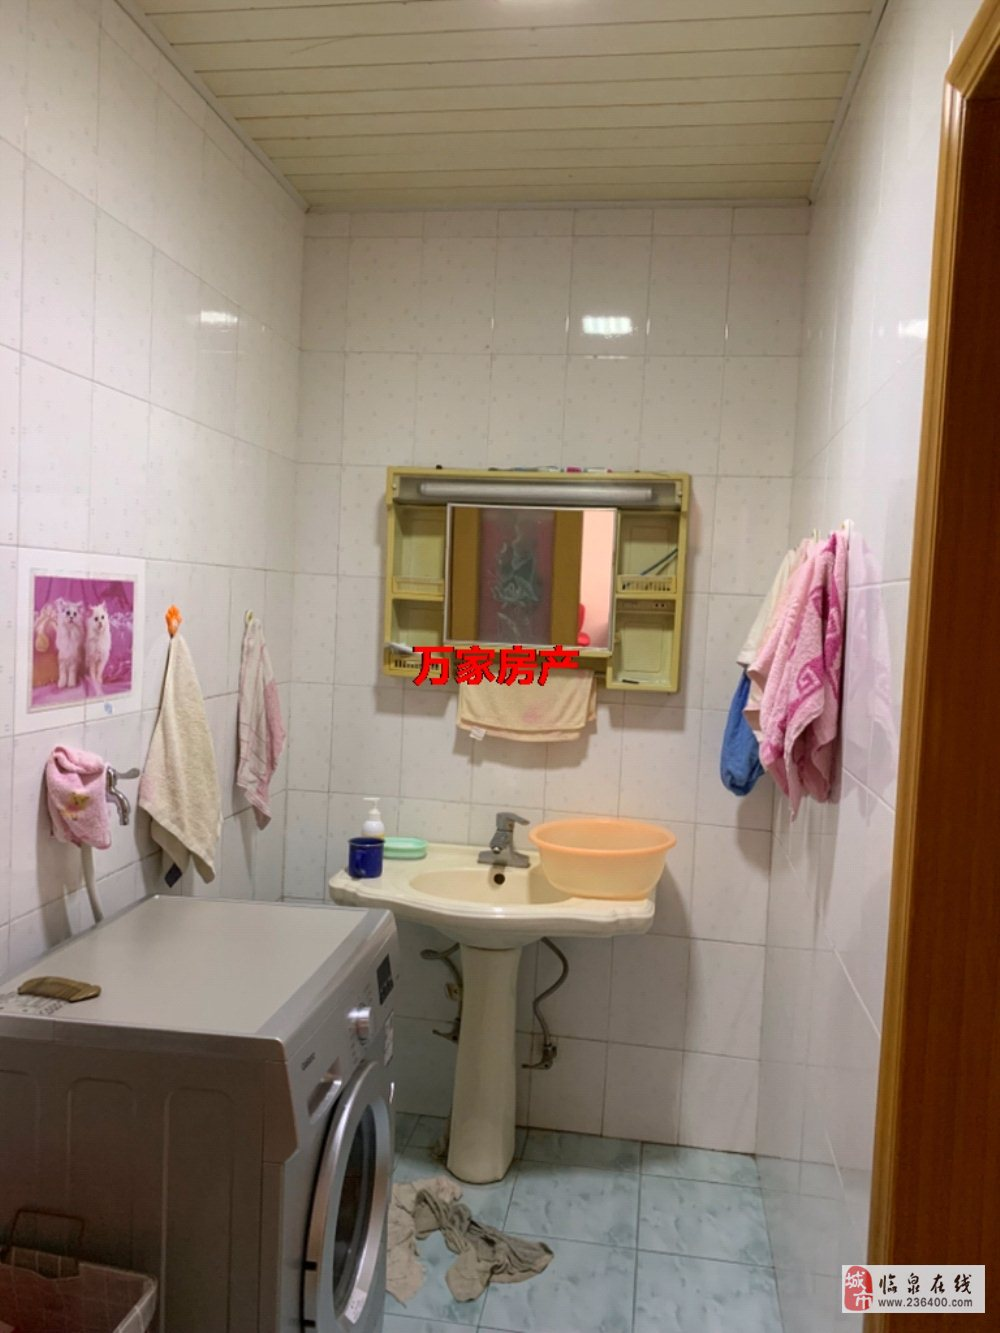 安居苑4室2厅1卫一楼带院税低76万